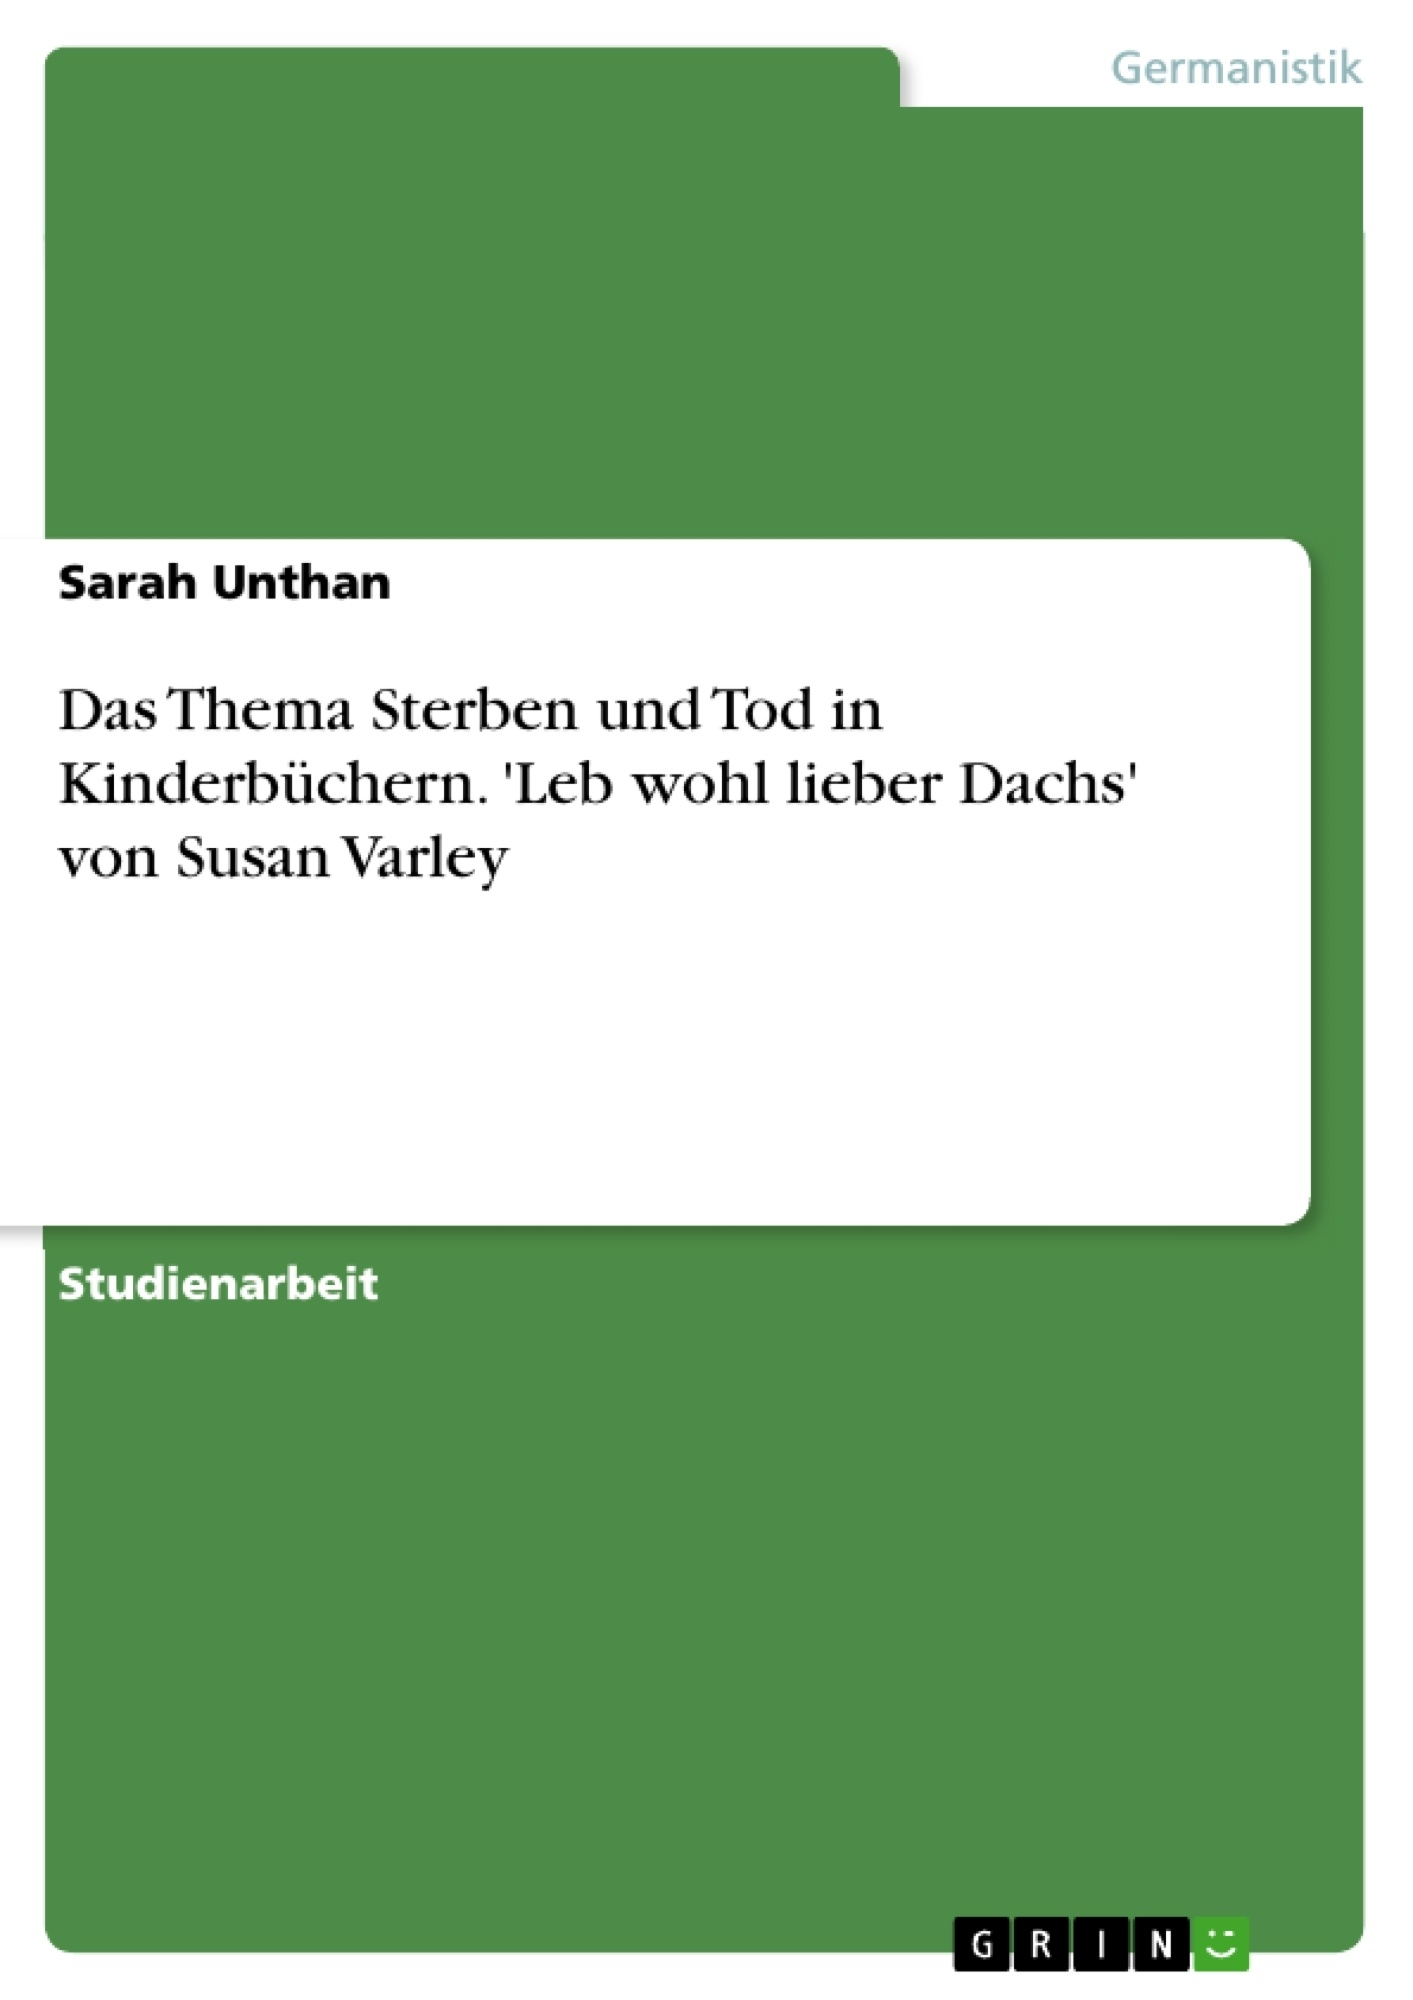 Titel: Das Thema Sterben und Tod in Kinderbüchern. 'Leb wohl lieber Dachs' von Susan Varley